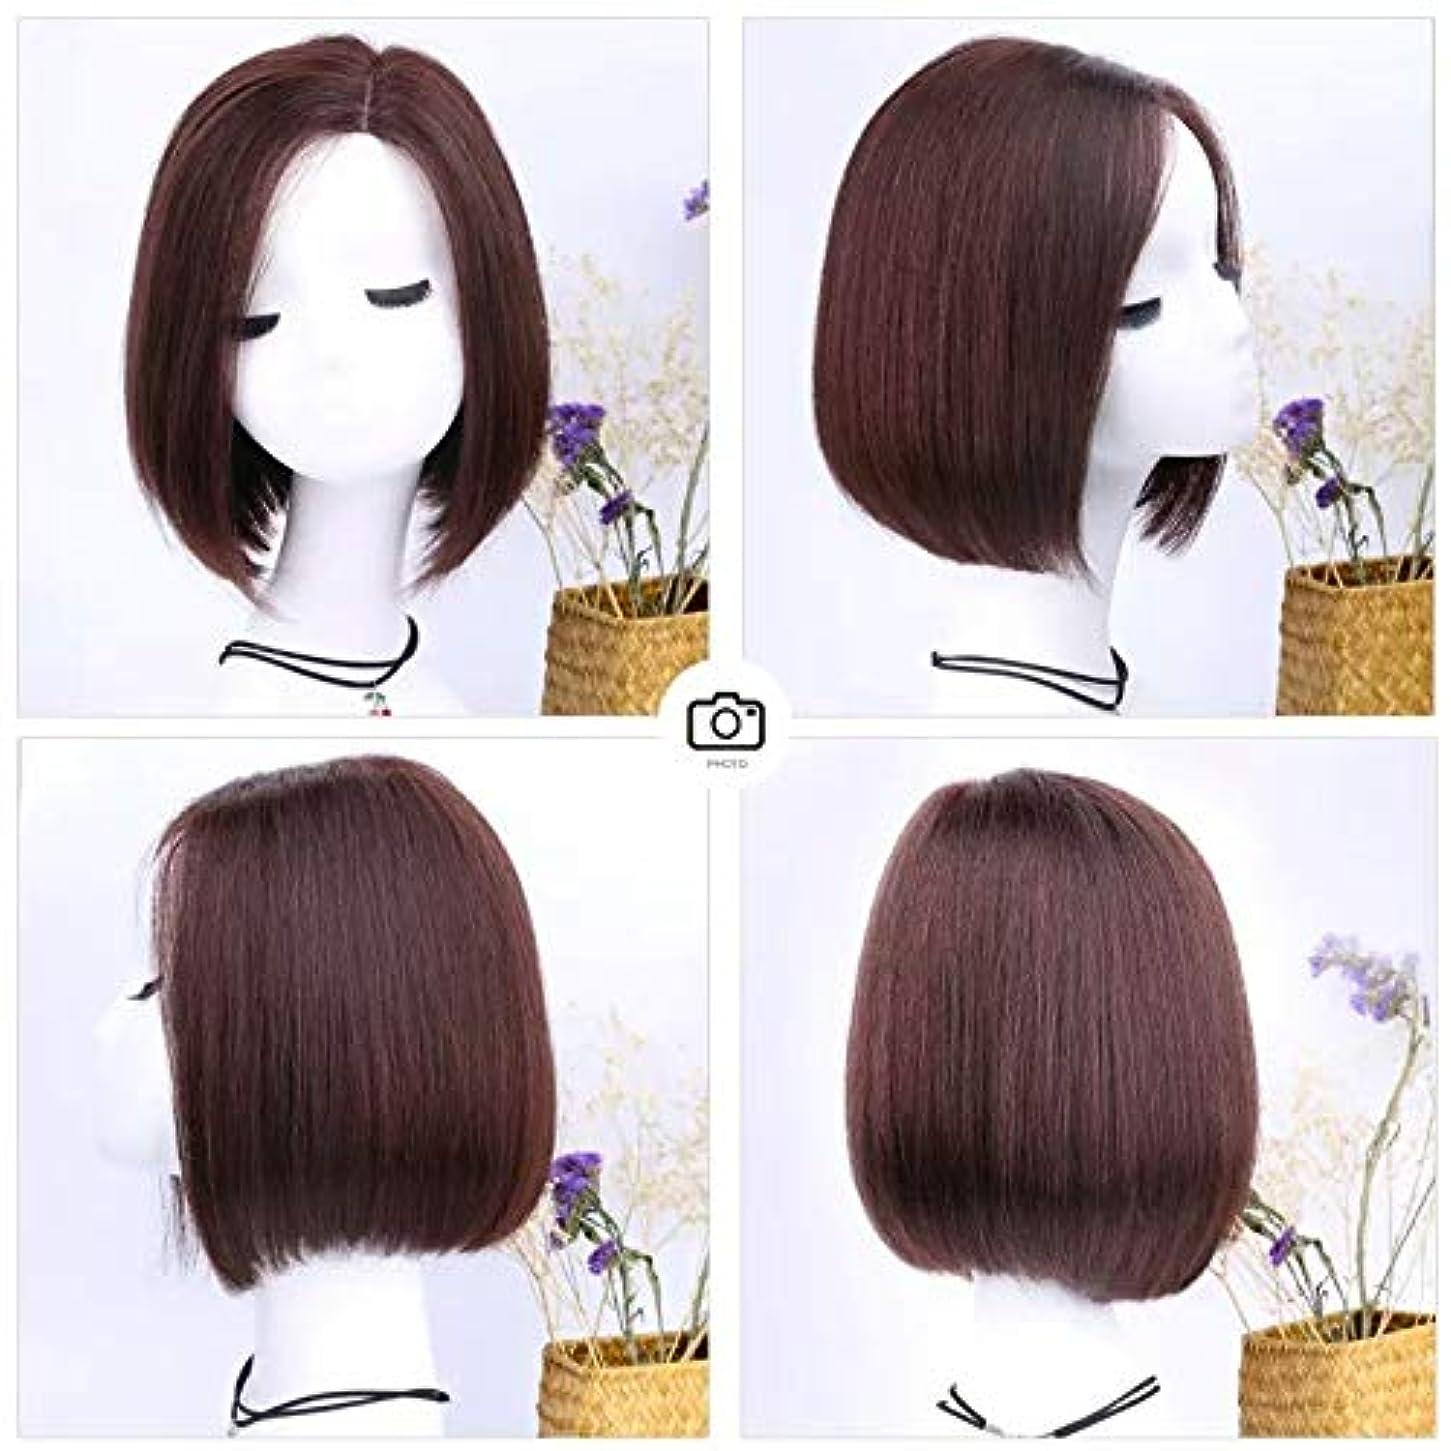 腹痛解凍する、雪解け、霜解け設置YOUQIU ロングストレートヘアーの女性のかつらのために実際に髪の内側にバックルふんわりナチュラルウィッグでボブショートヘア (色 : Dark brown, Design : Full hand weaving)